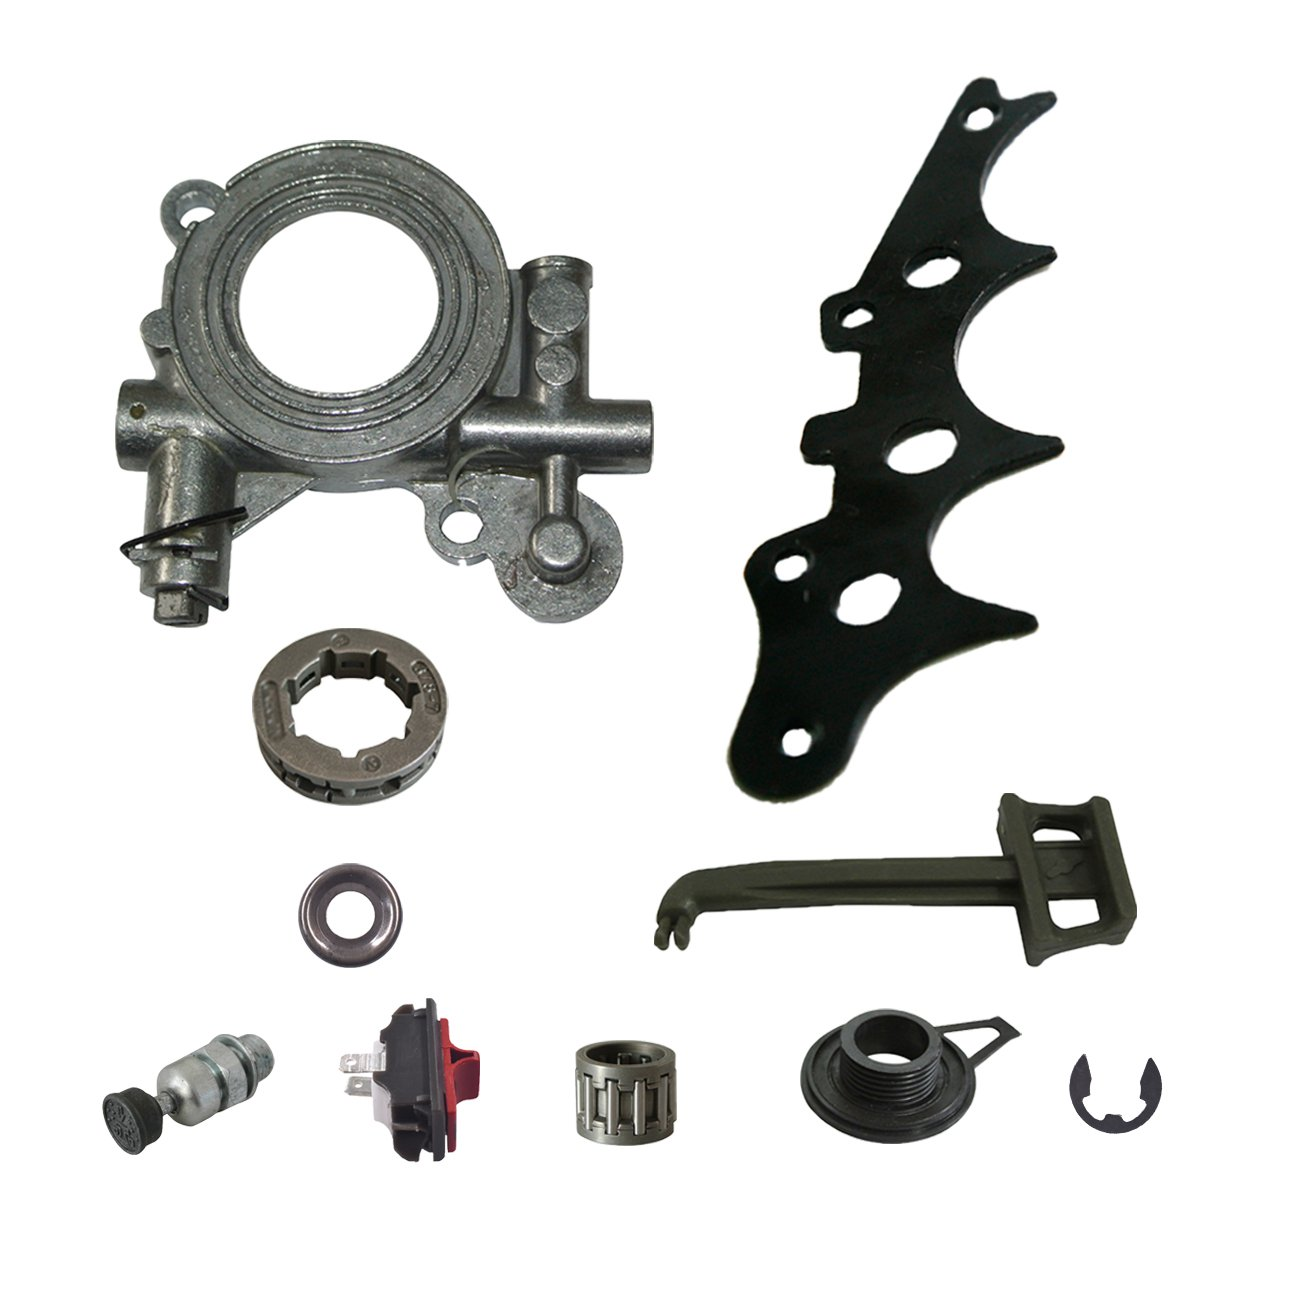 Ruichang oil Pump Oiler set per Husqvarna 390 385 372 x P 372 371 365 362 motosega RuichangTools&Parts